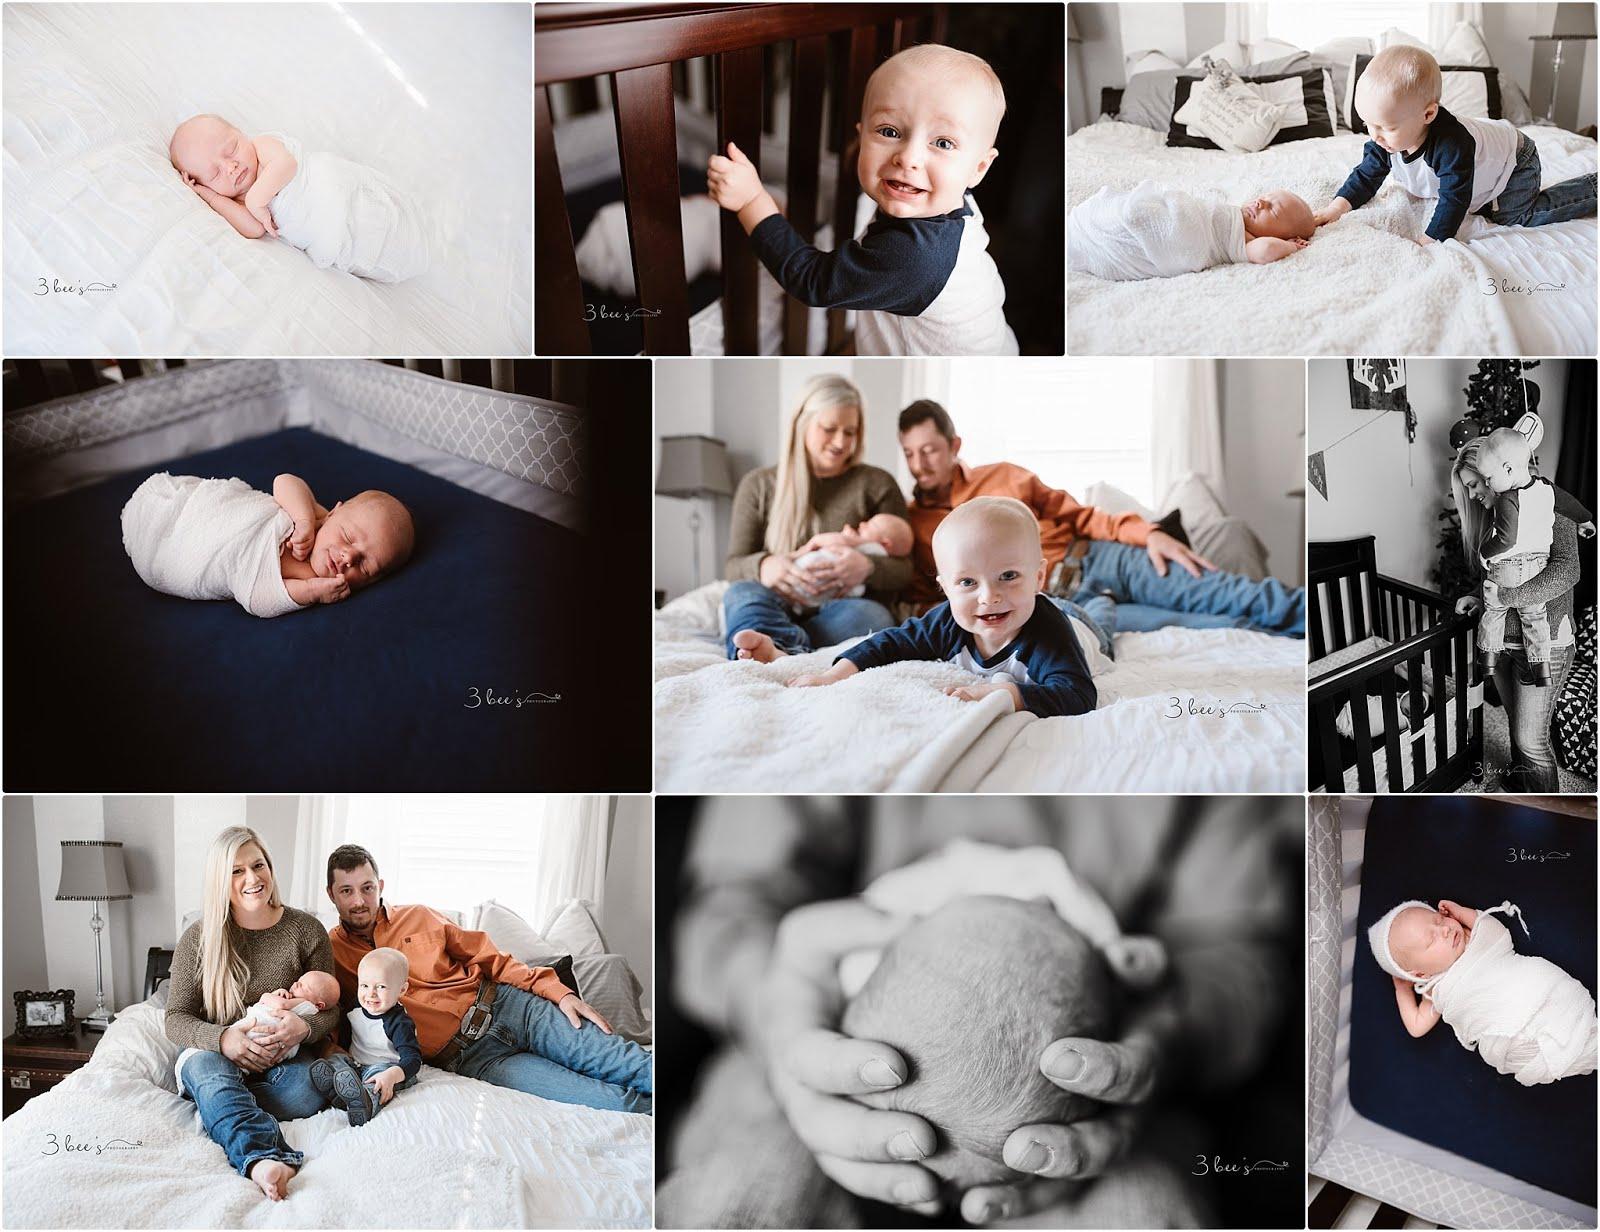 Luke – Lifestyle Newborn Photographer | Fayetteville, AR